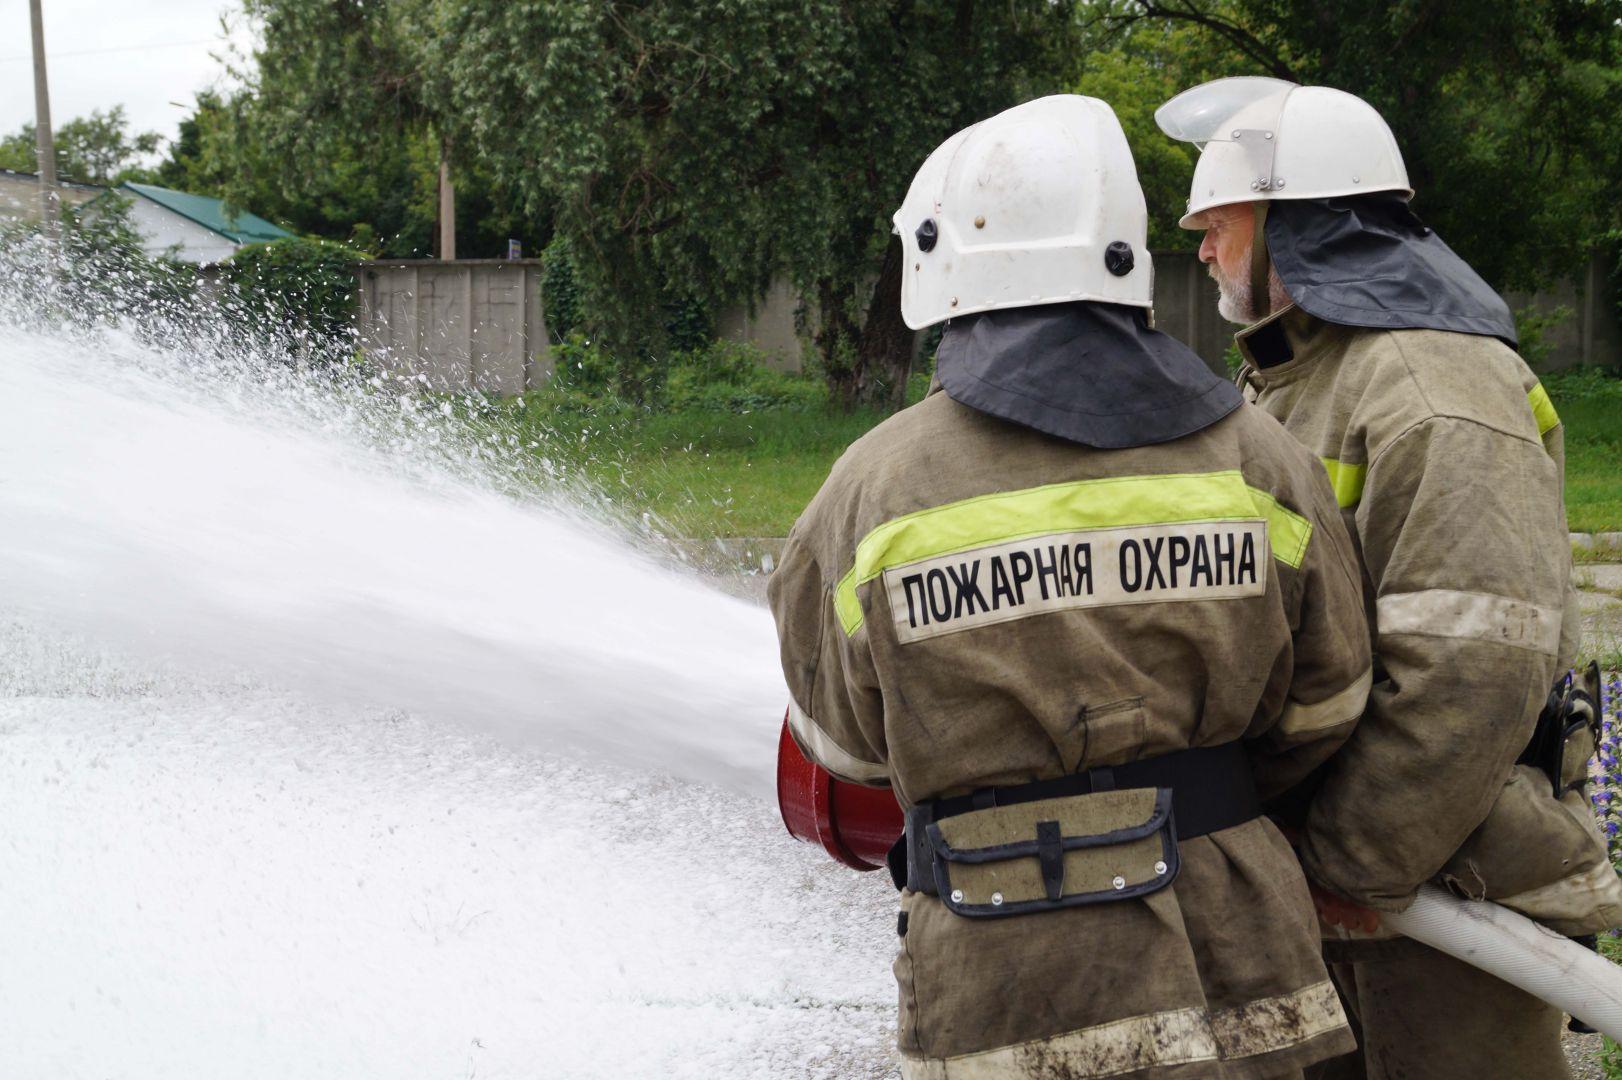 НаСтаврополье впериод движения загорелась легковушка